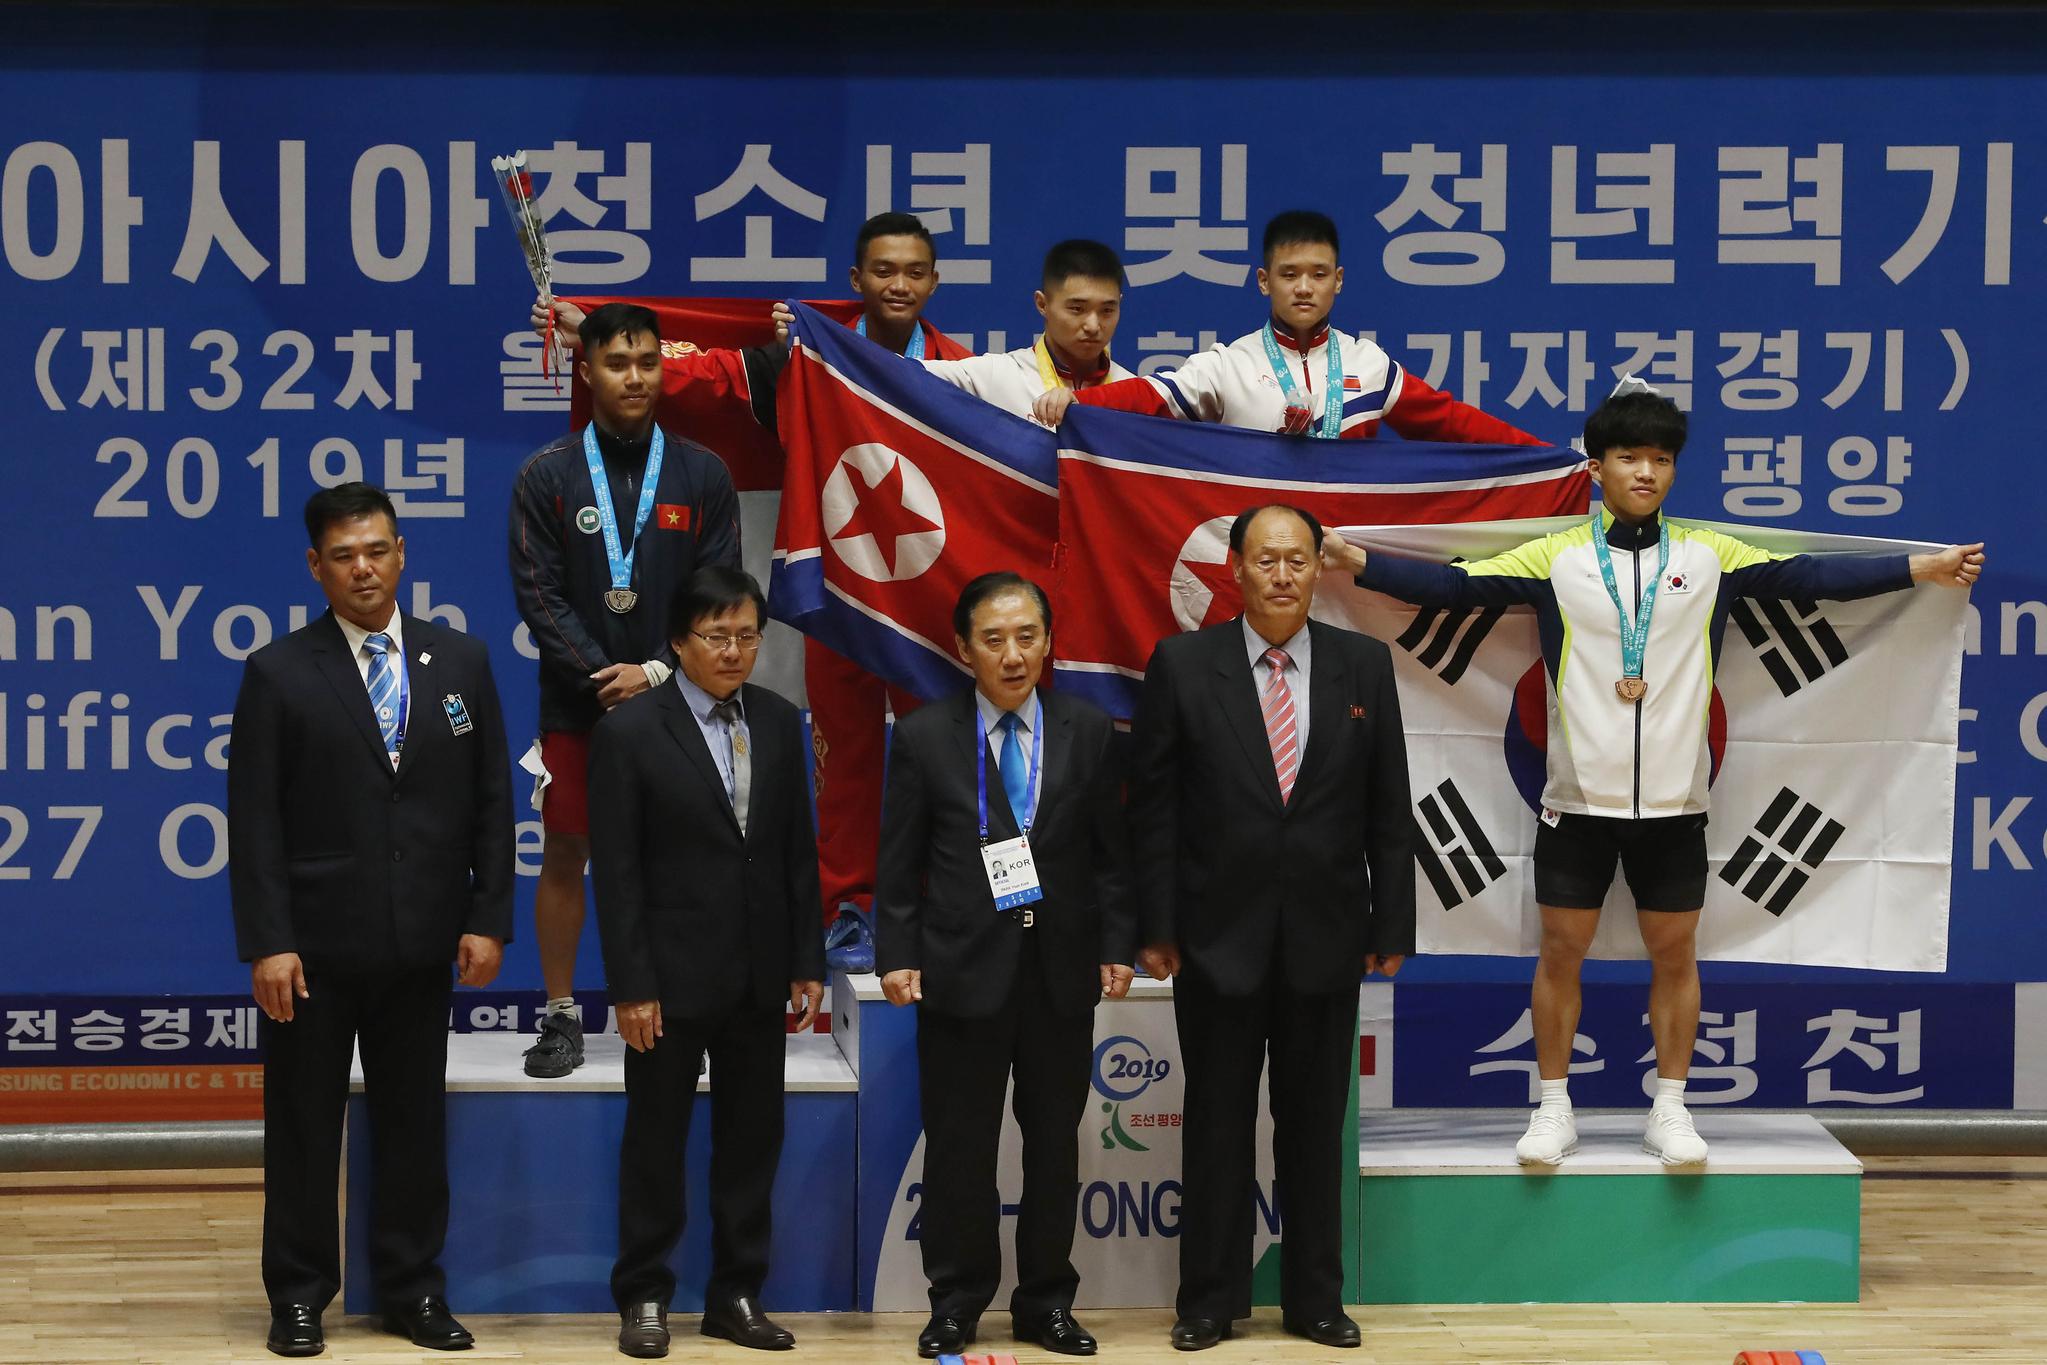 2019 아시아 유소년·주니어 역도선수권대회가 열리고 있는 22일 평양 청춘가역도경기장에서 남자 주니어 61kg급 용상 3위를 기록한 한국 배문수(뒷줄 오른쪽부터)가 북한의 오원관(종합3위), 김충국(종합1위)을 비롯한 수상 선수들과 시상대에 올라 기념사진을 찍고 있다. [사진공동취재단]